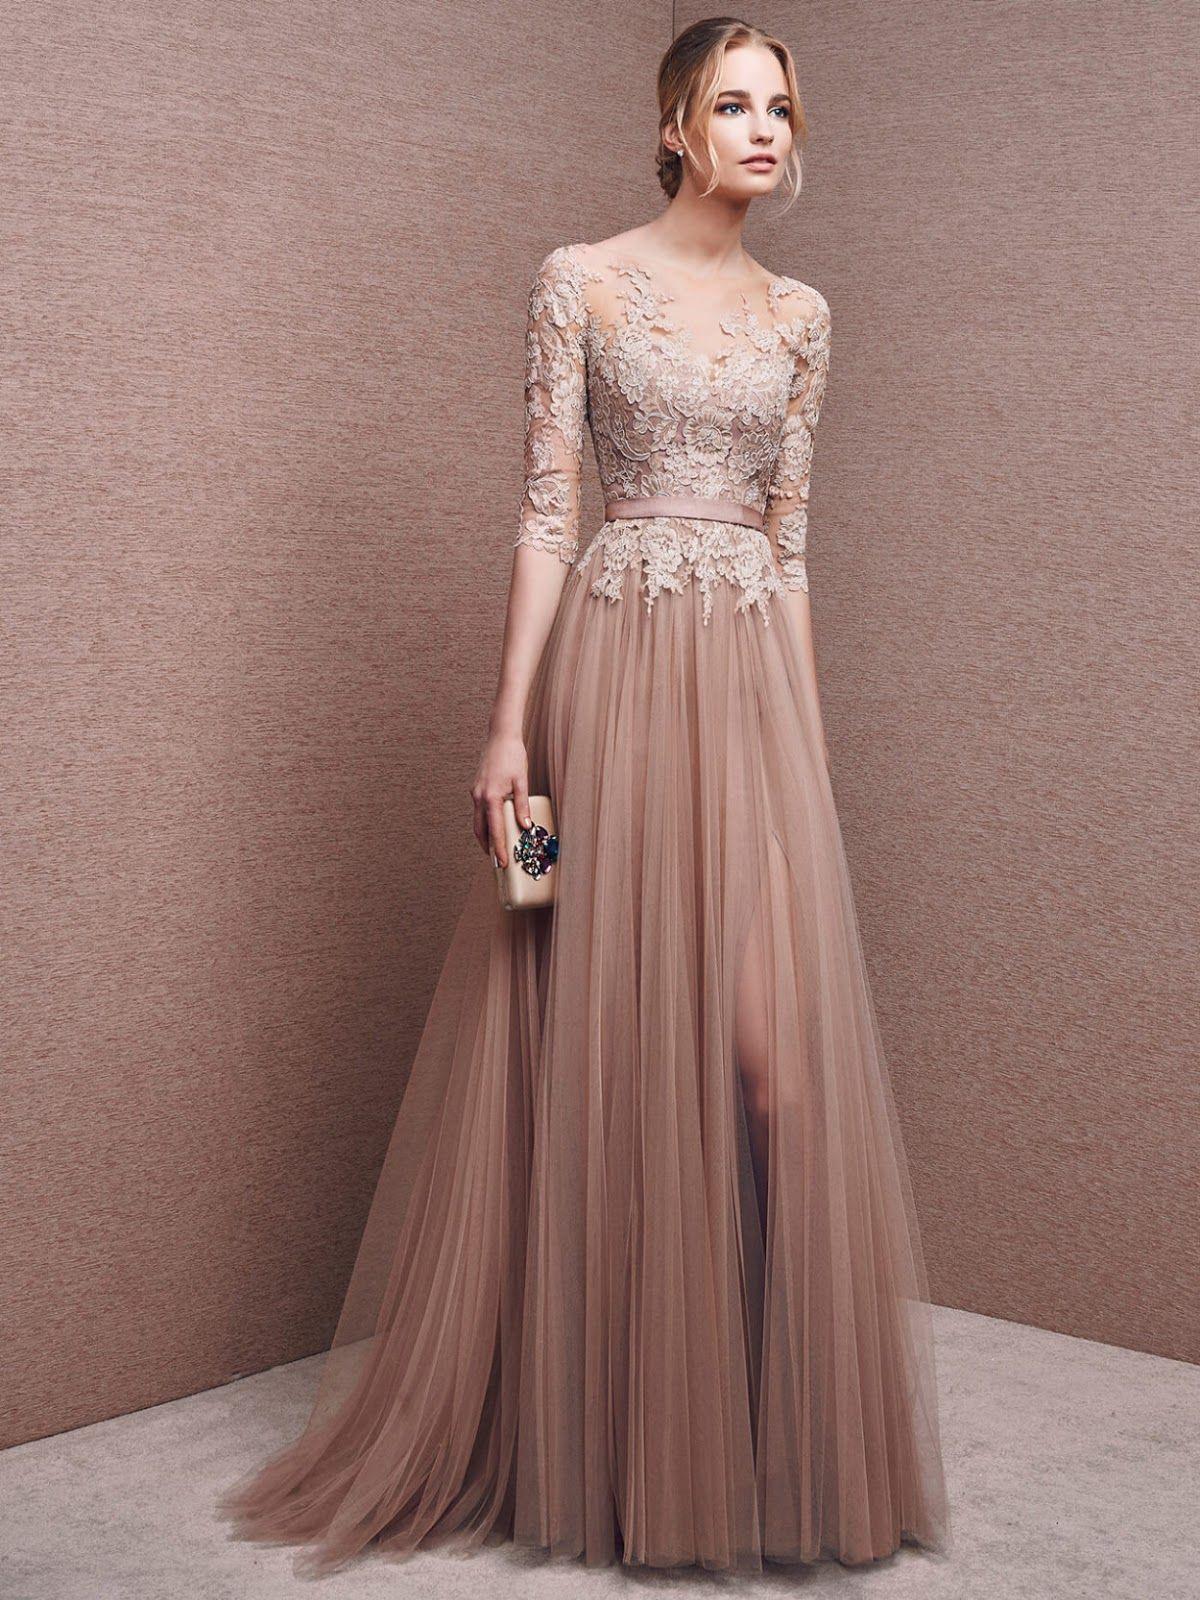 9748ff8d2 Vestidos de noche largos elegantes